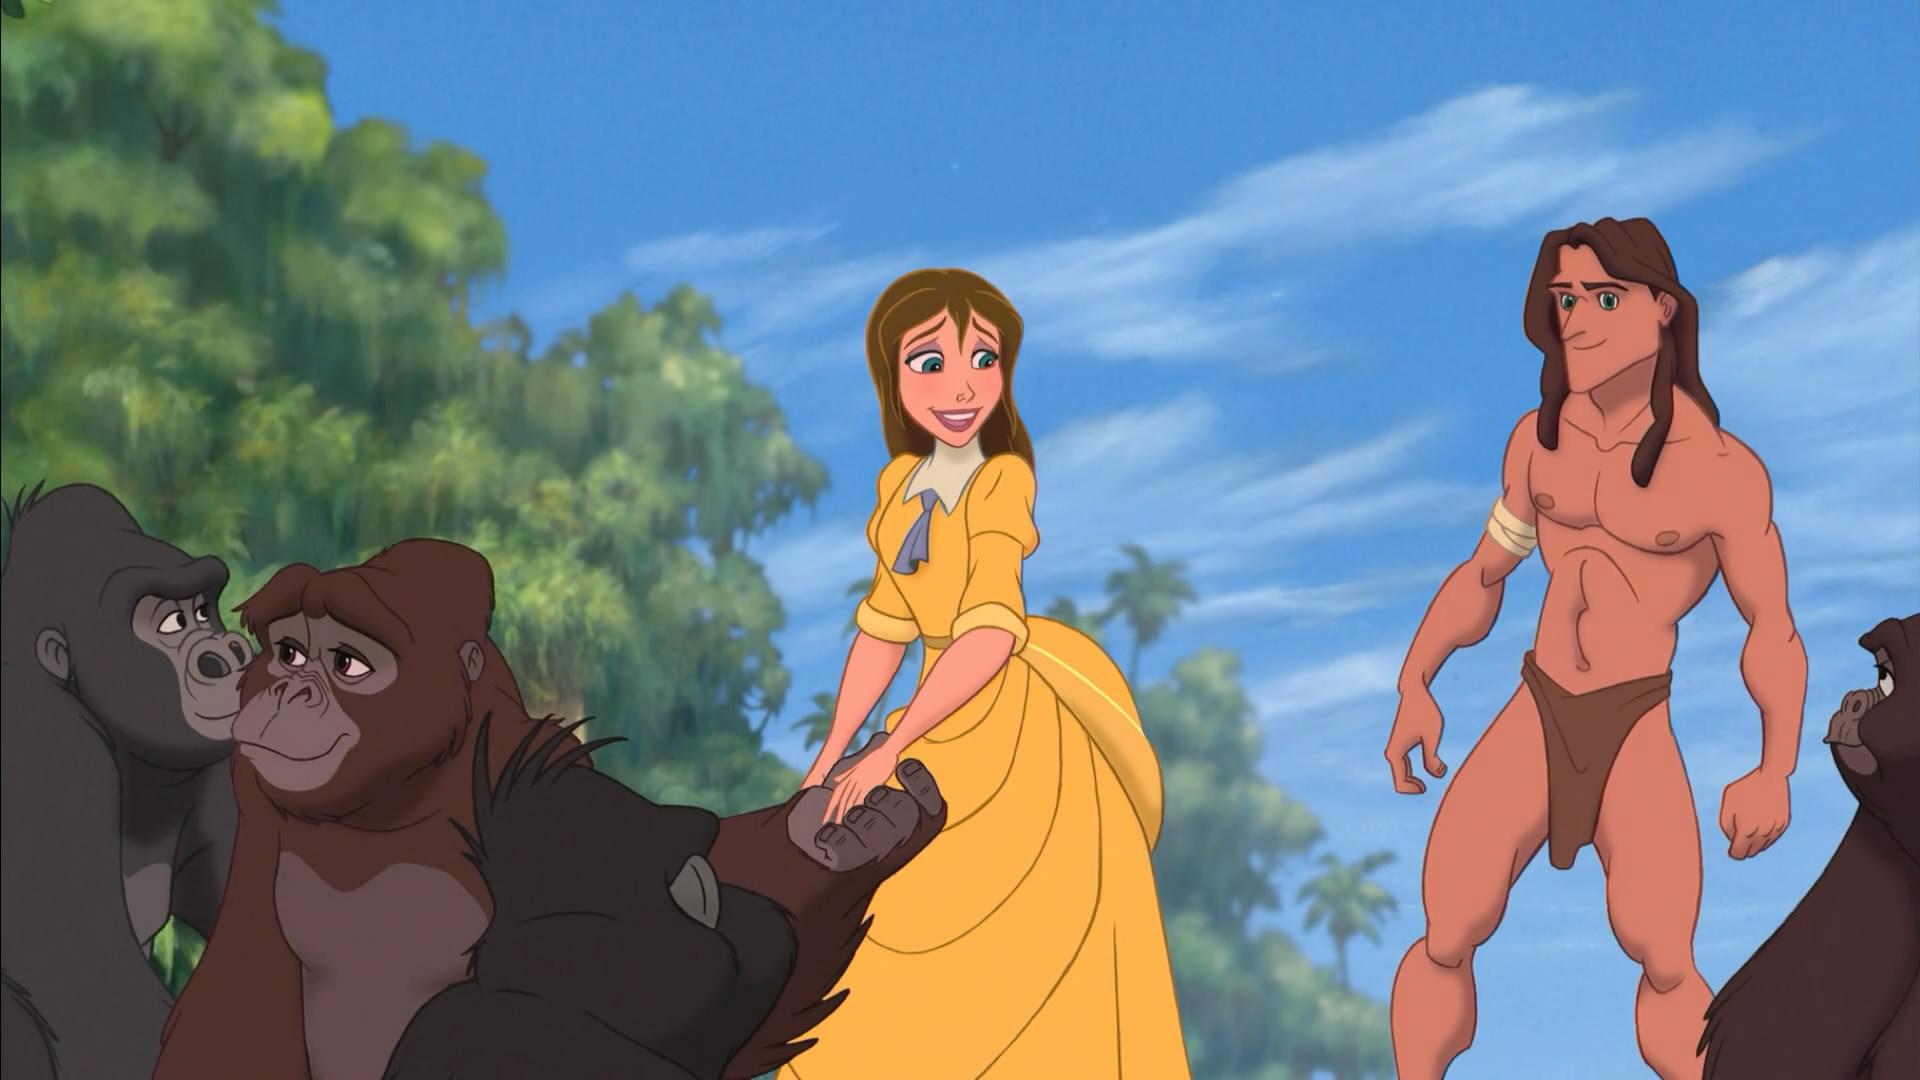 Tarzan  1999  BDrip 1080p ENG ITA x264 MultiSub  Shiv .mkv snapshot 01.21.42  2014.11.18 20.14.54